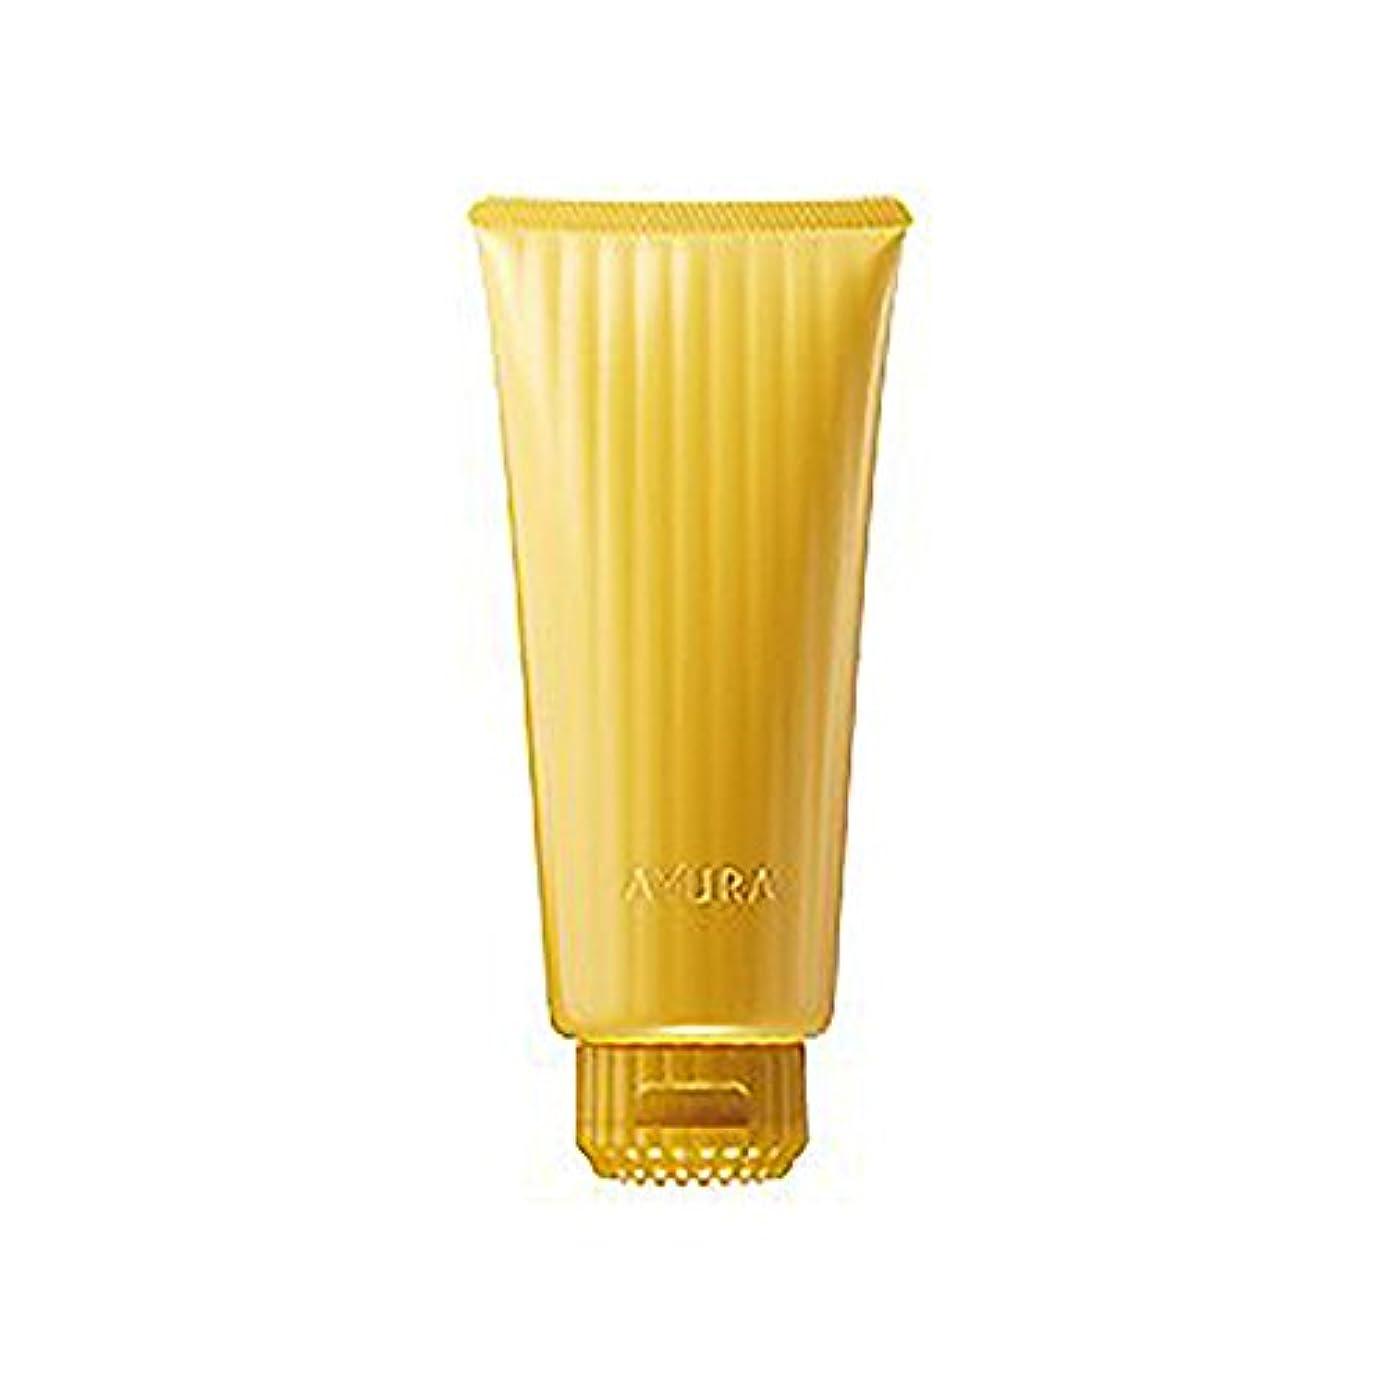 幻滅する売上高栄養アユーラ (AYURA) ビカッサボディーセラム 180g 〈ボディー用 マッサージ 美容液〉